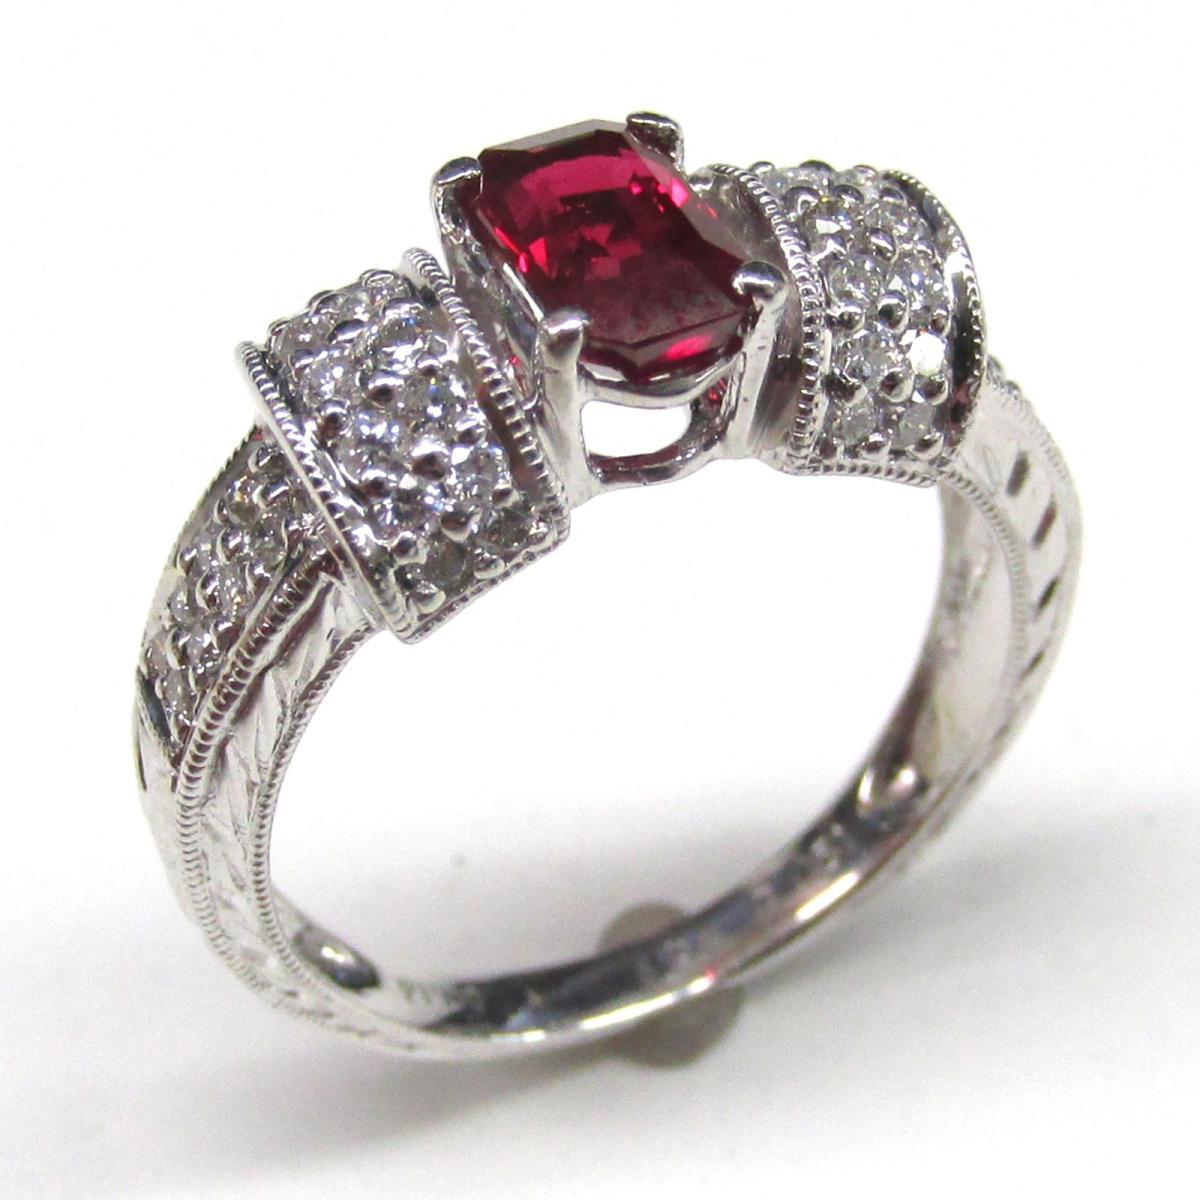 【中古】 ジュエリー ルビー ダイヤモンド リング 指輪 レディース PT900 プラチナ x (1.08ct) (0.51ct) | JEWELRY BRANDOFF ブランドオフ ブランド アクセサリー